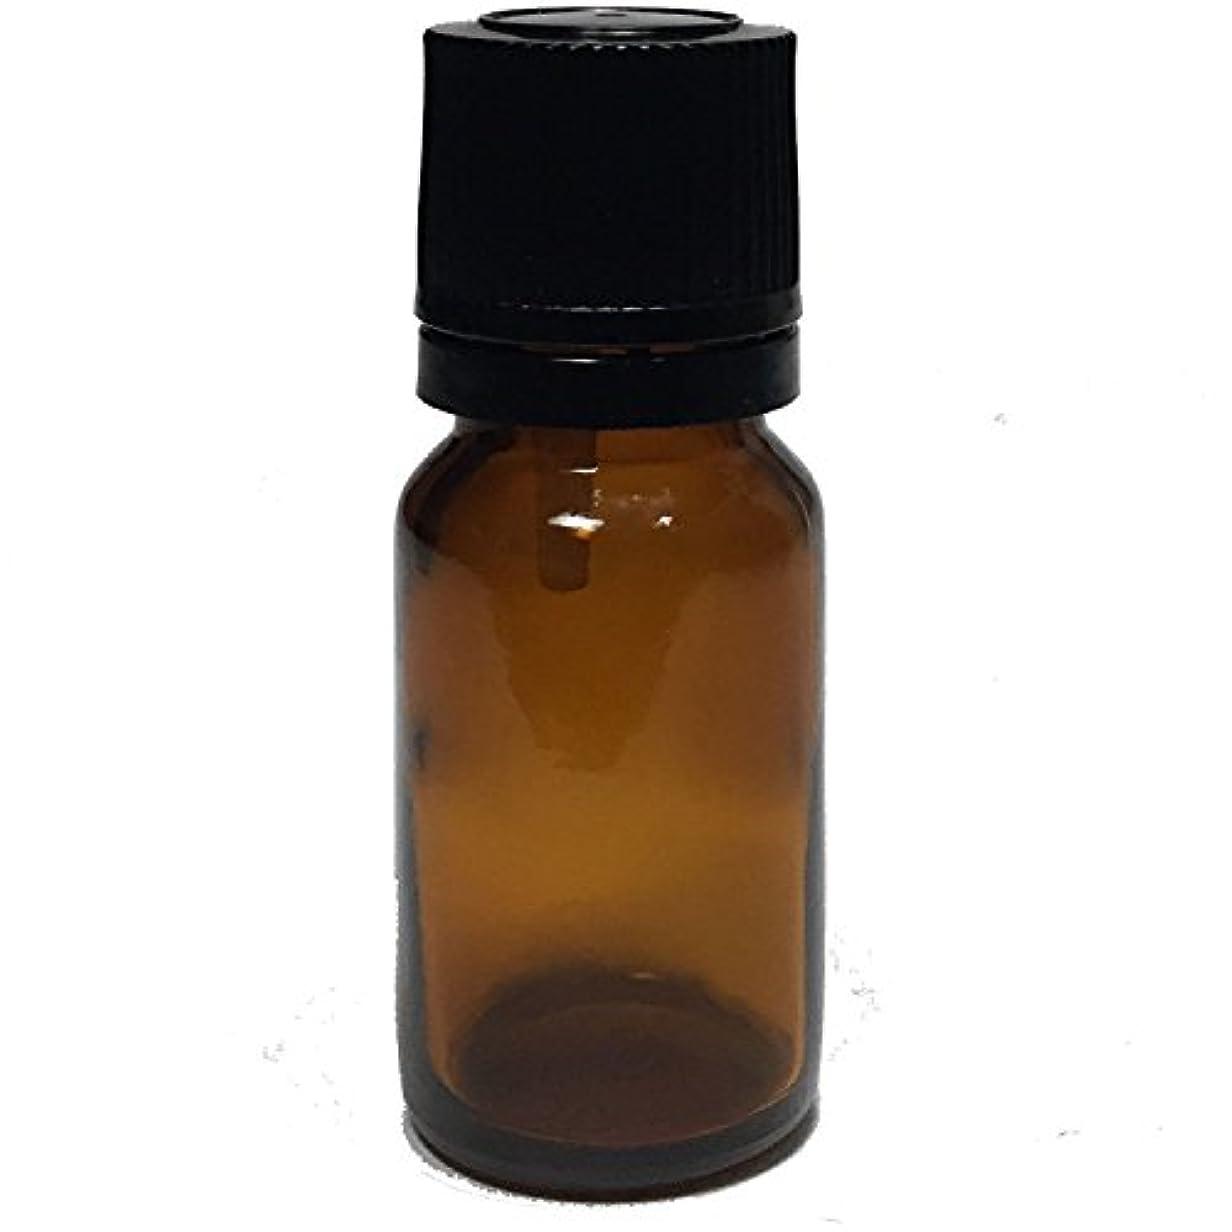 写真容量おエッセンシャルオイル用茶色遮光瓶 ドロッパー付き 黒キャップ 10ml ガラスビン 10本セット